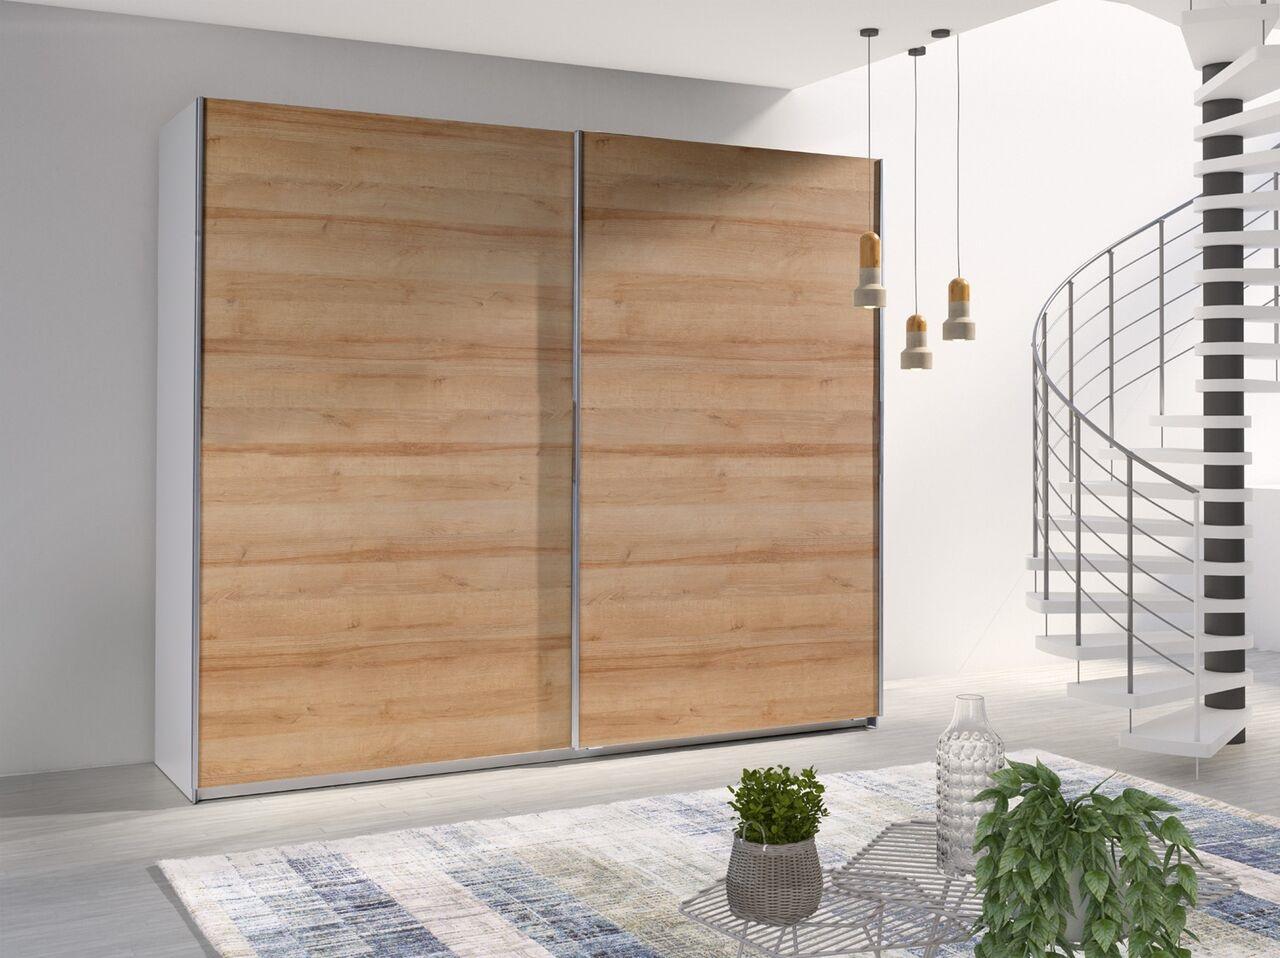 MEBLINE Šatní skříň s posuvnými dveřmi LUX 25